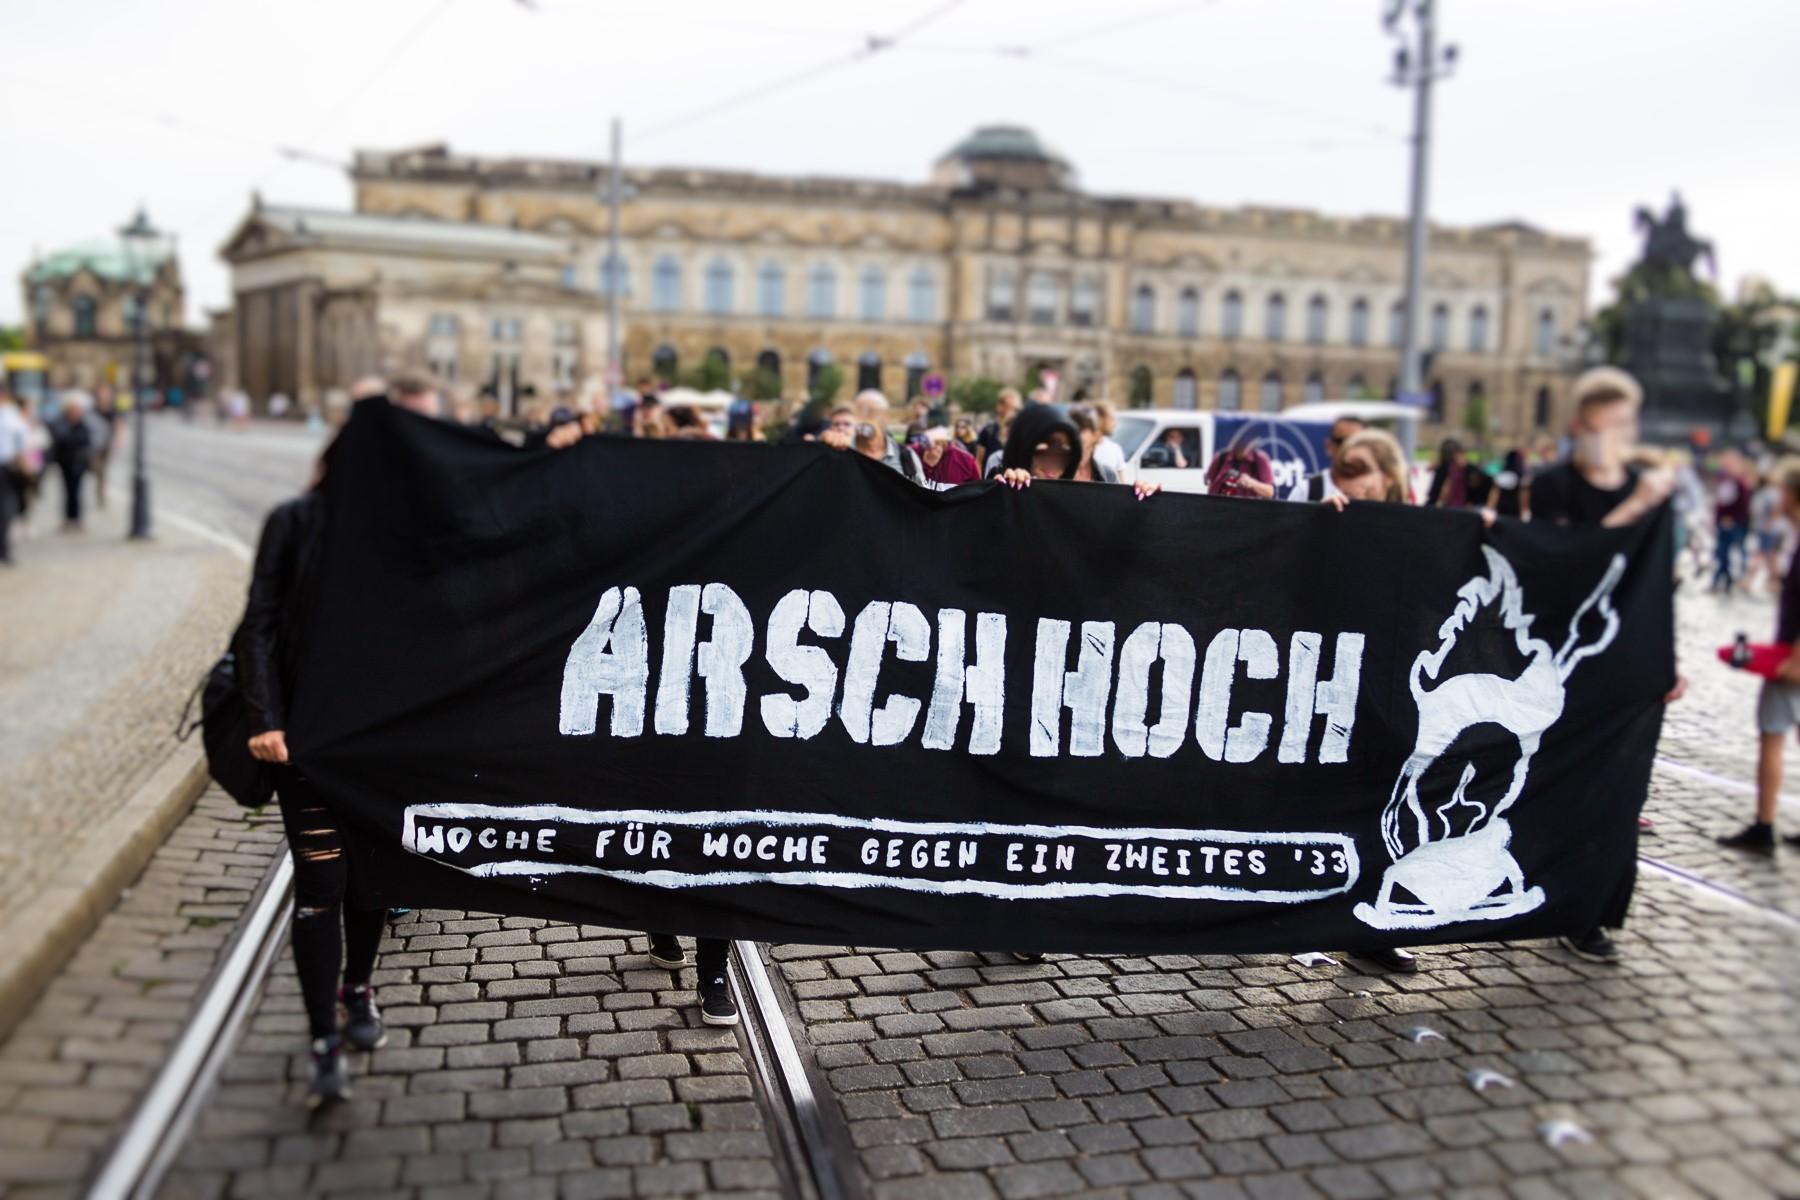 Die Nope Demonstration startete auf dem Theaterplatz